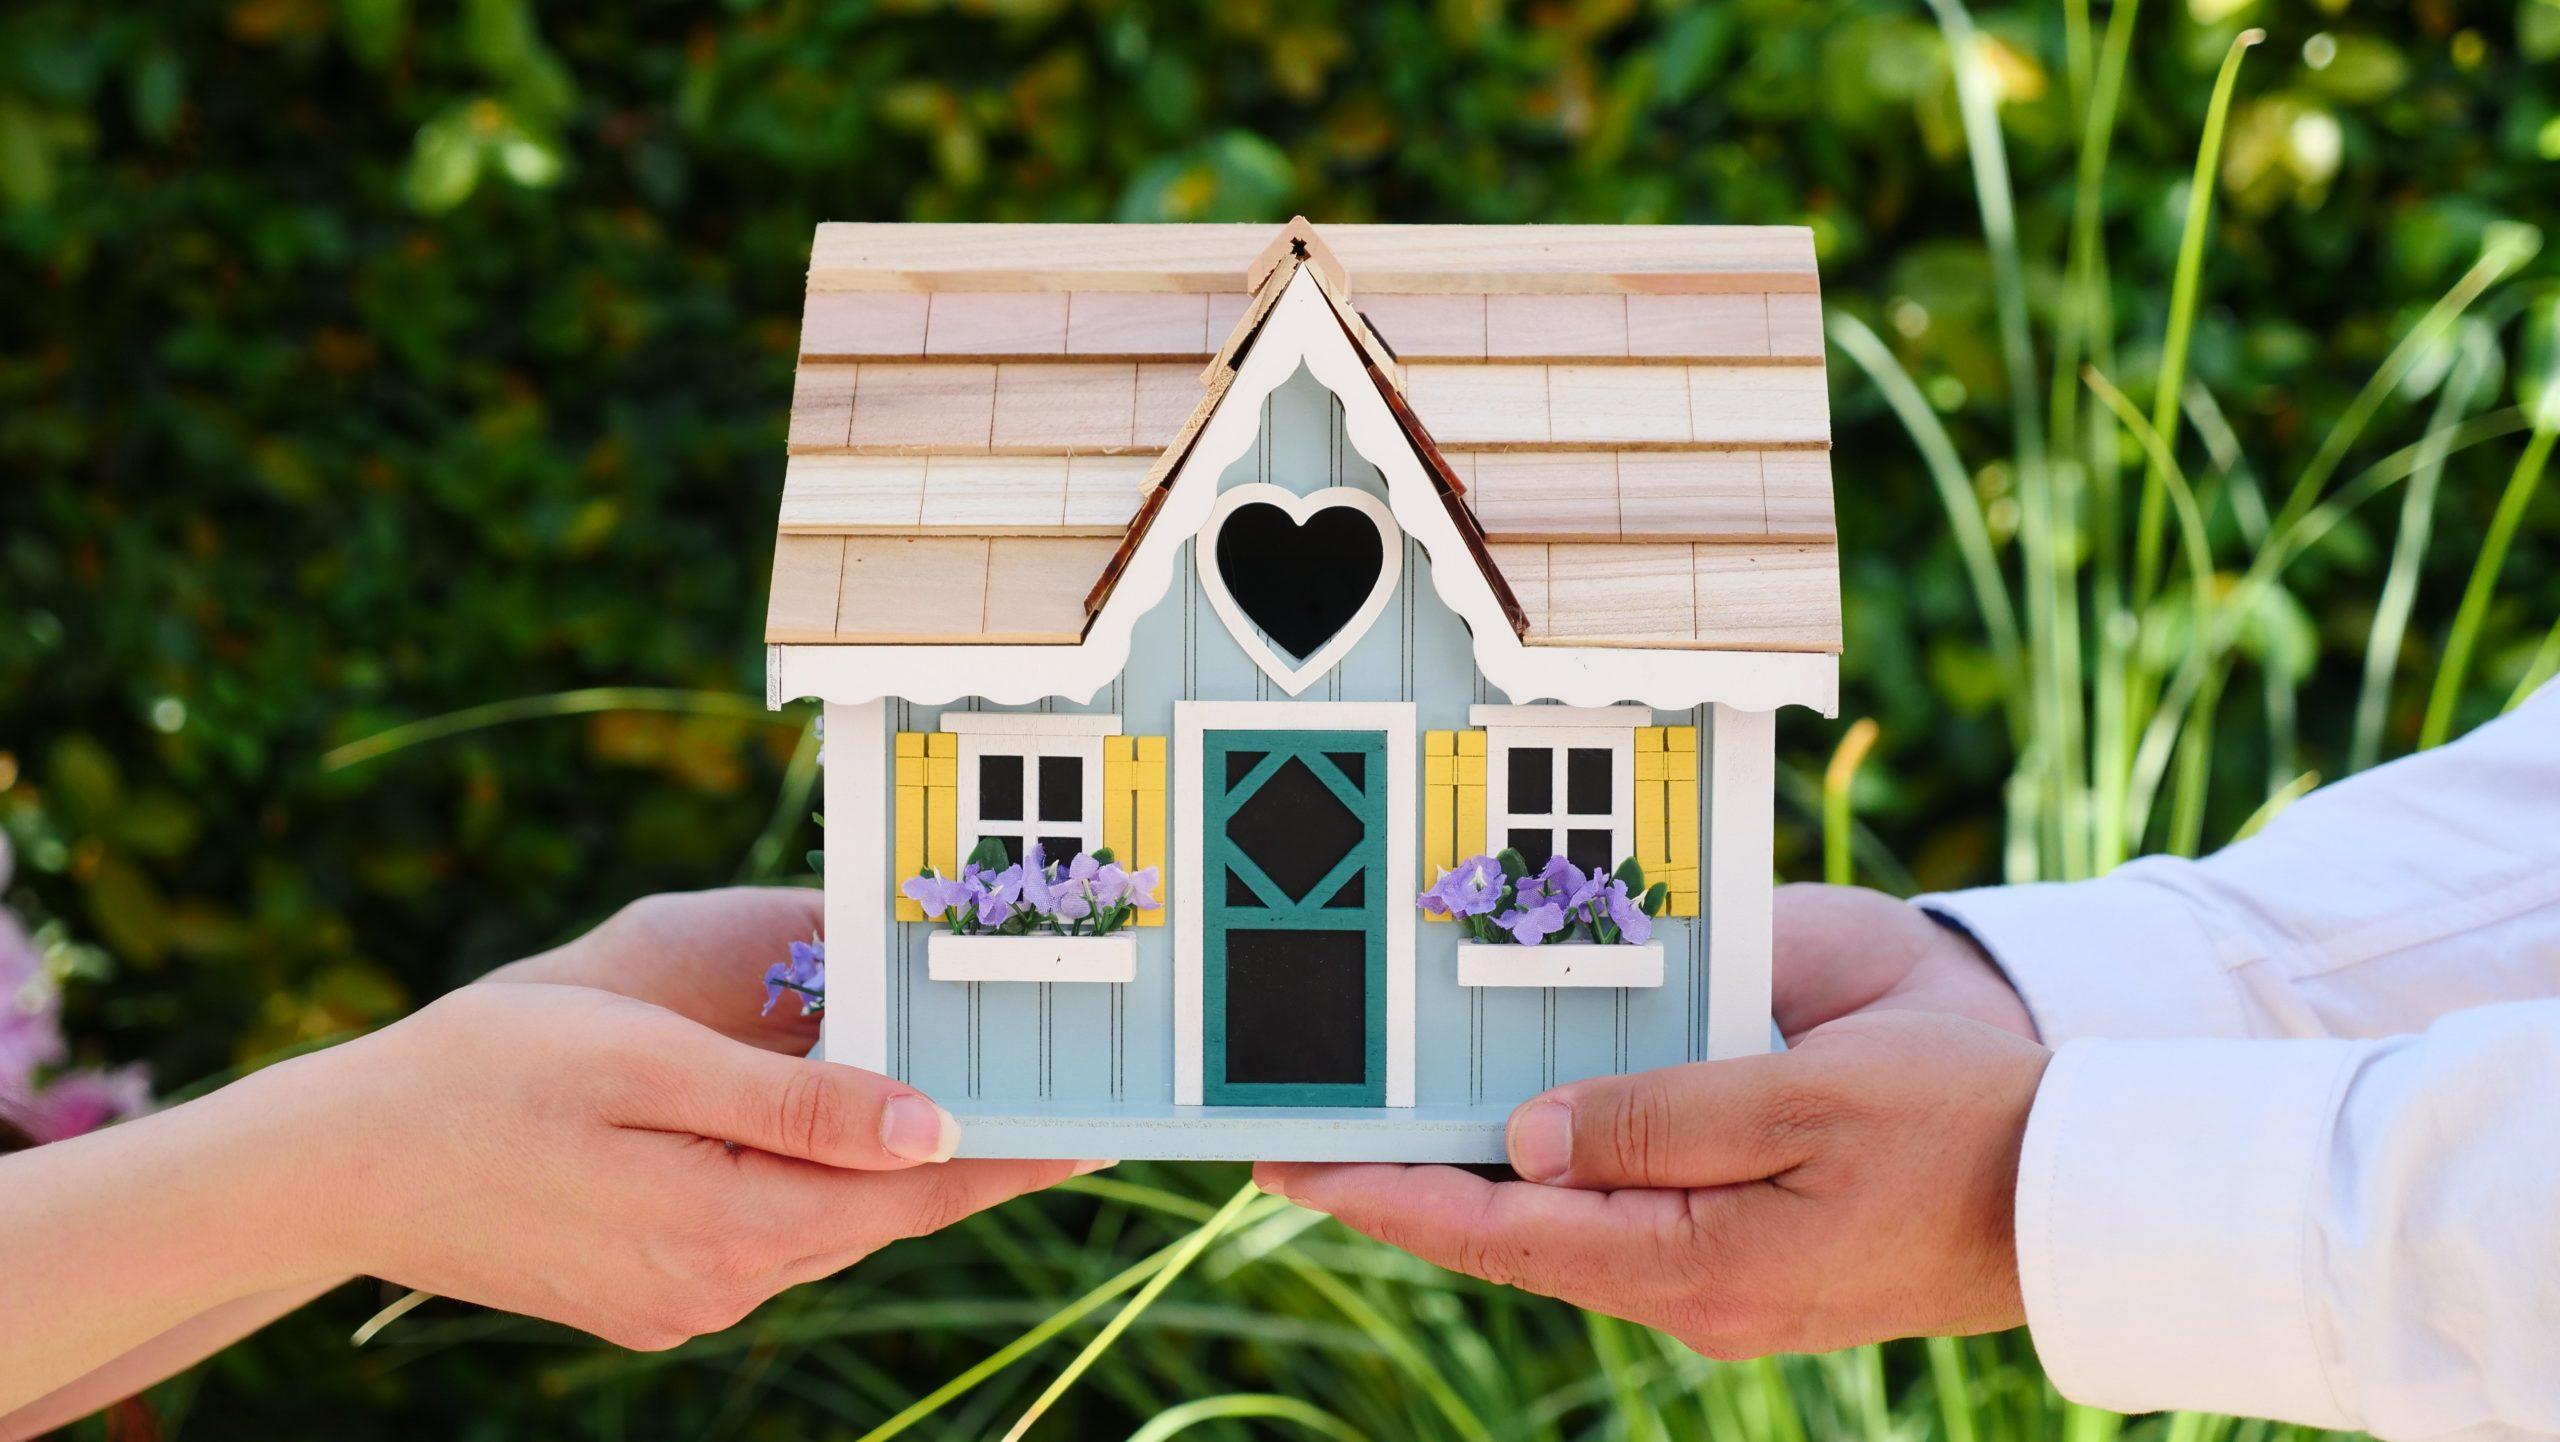 Vous souhaitez investir dans l'immobilier ?